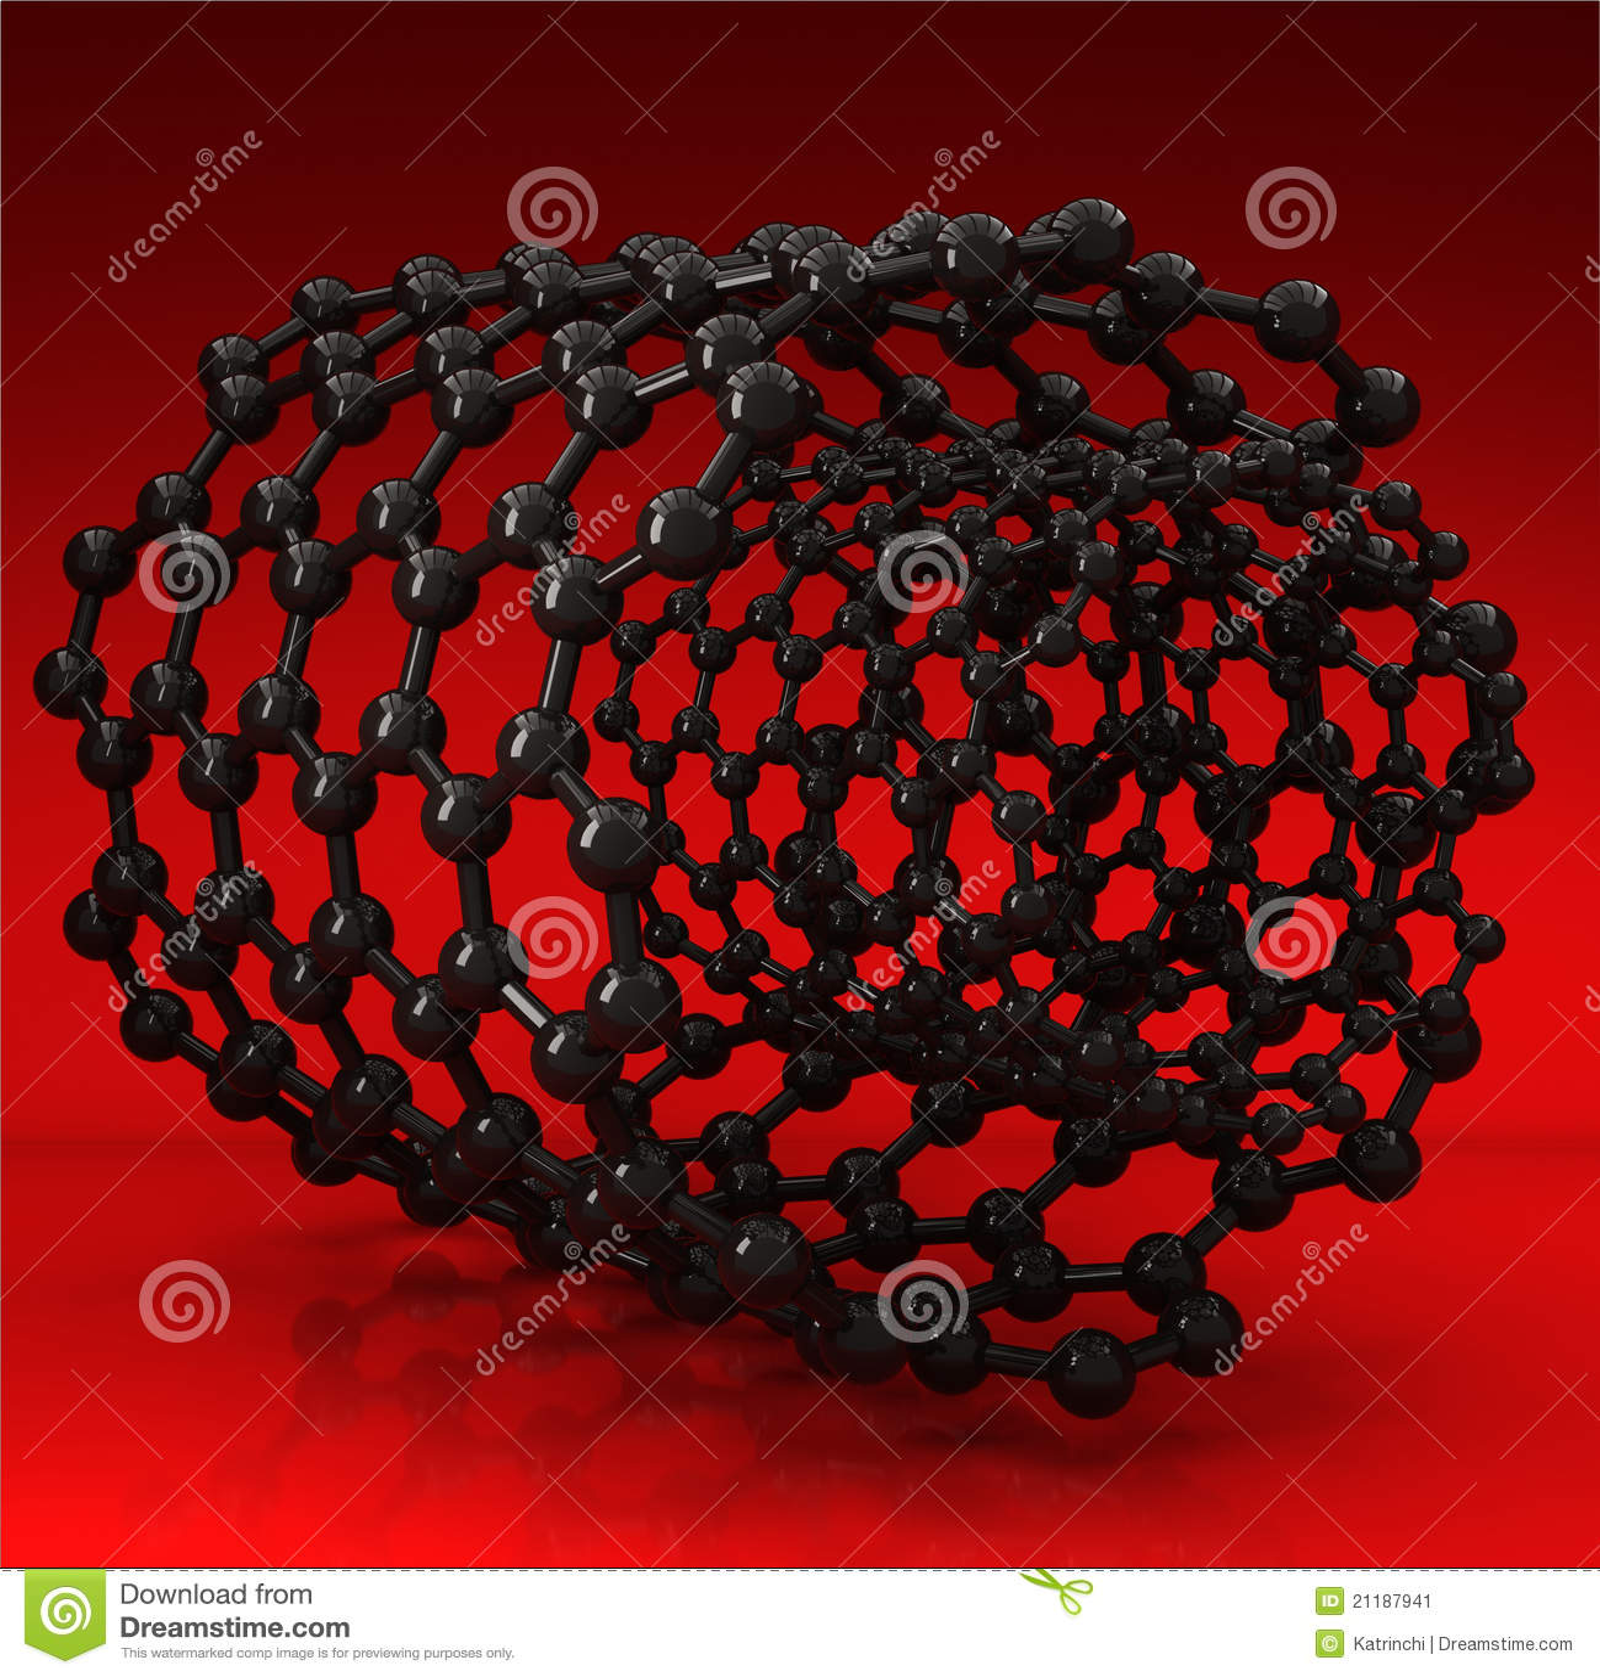 Black carbon nanotubes on red background